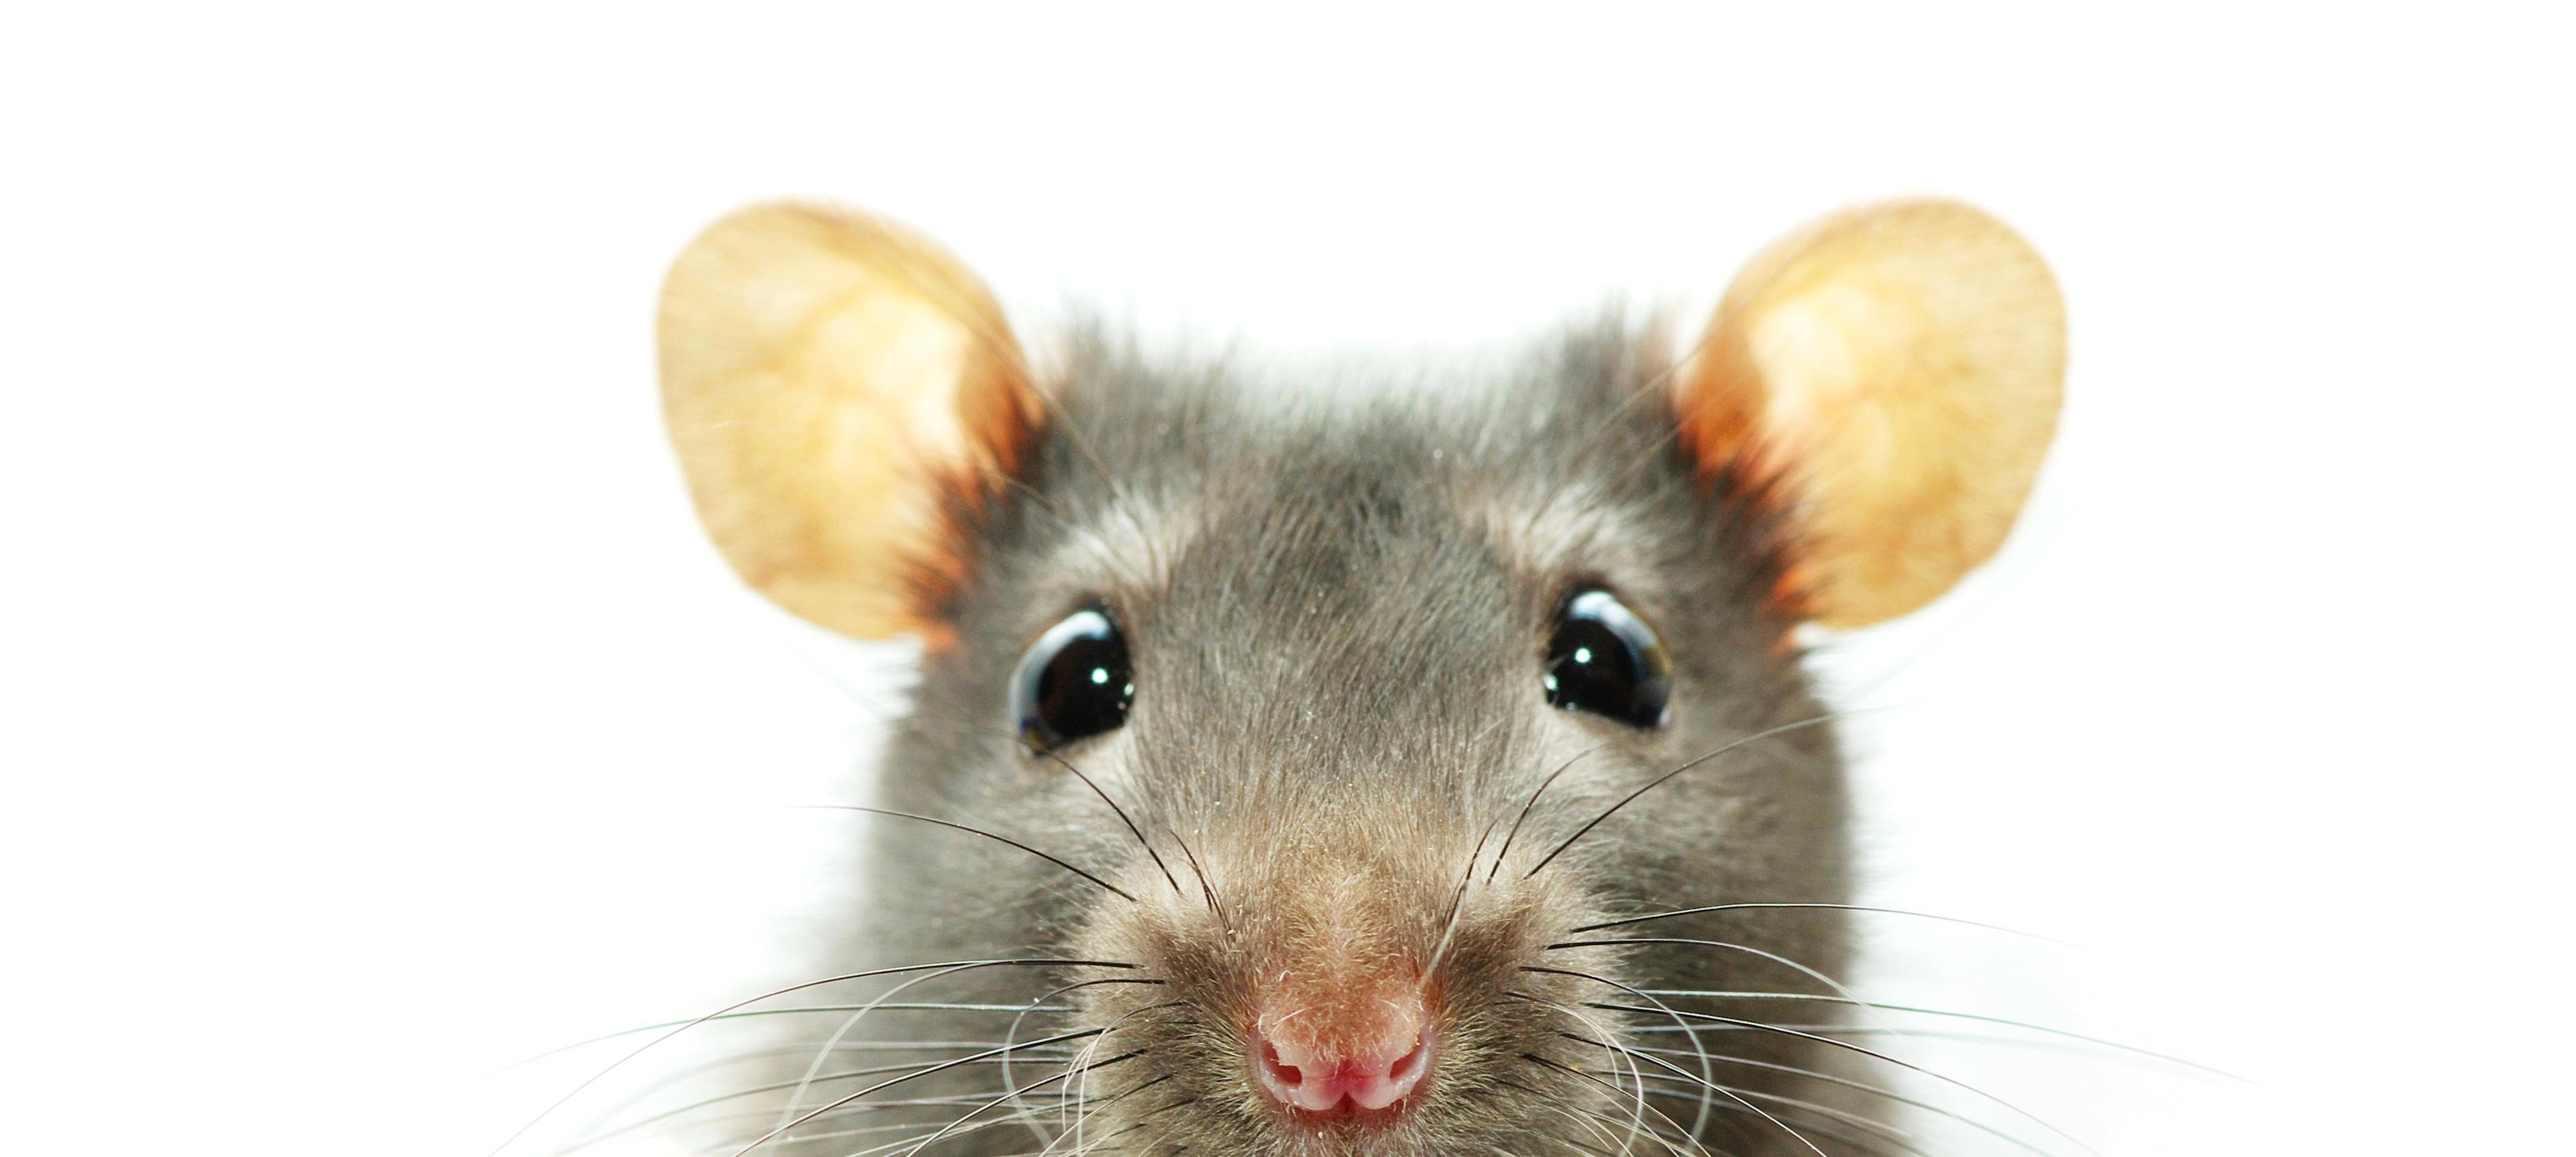 Эпизодическая память крыс оказалась лучше, чем думали раньше